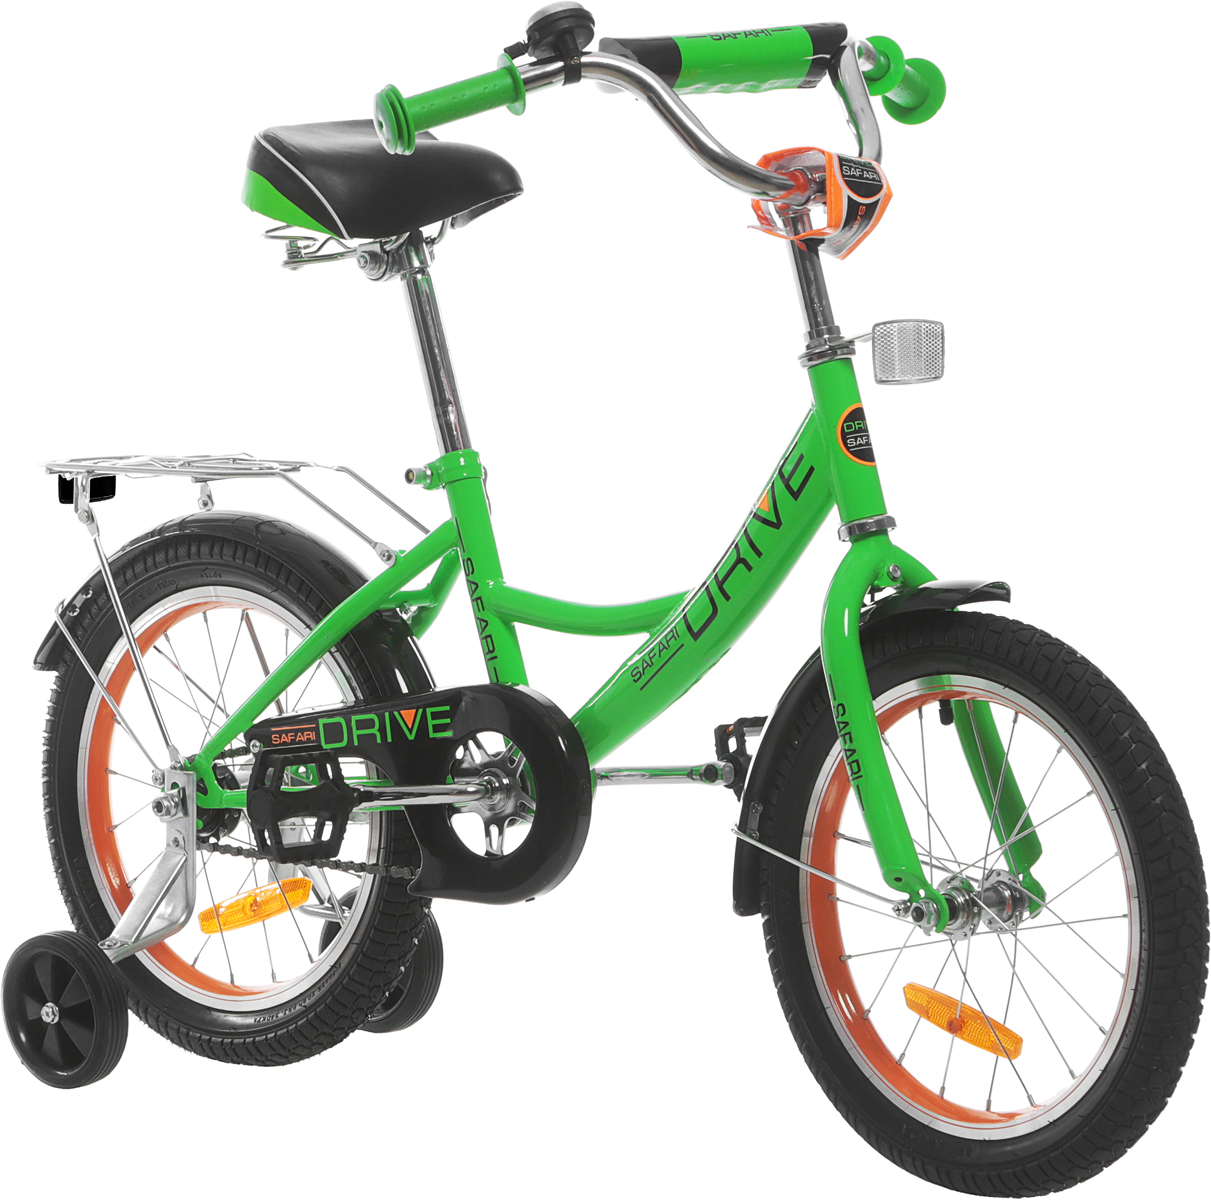 Велосипед детский Safari Proff Drive, двухколесный, цвет: салатовый, колесо 161044598Аргоновая облегченная рама, багажник, алюминиевый облегченный обод колес, хорошо выдерживает ударную нагрузку, защищает от восьмерок; защита цепи, катафоты, комфортное широкое сиденье с амортизацией, боковые пластиковые колеса, ограничитель поворота руля, задний ножной тормоз.